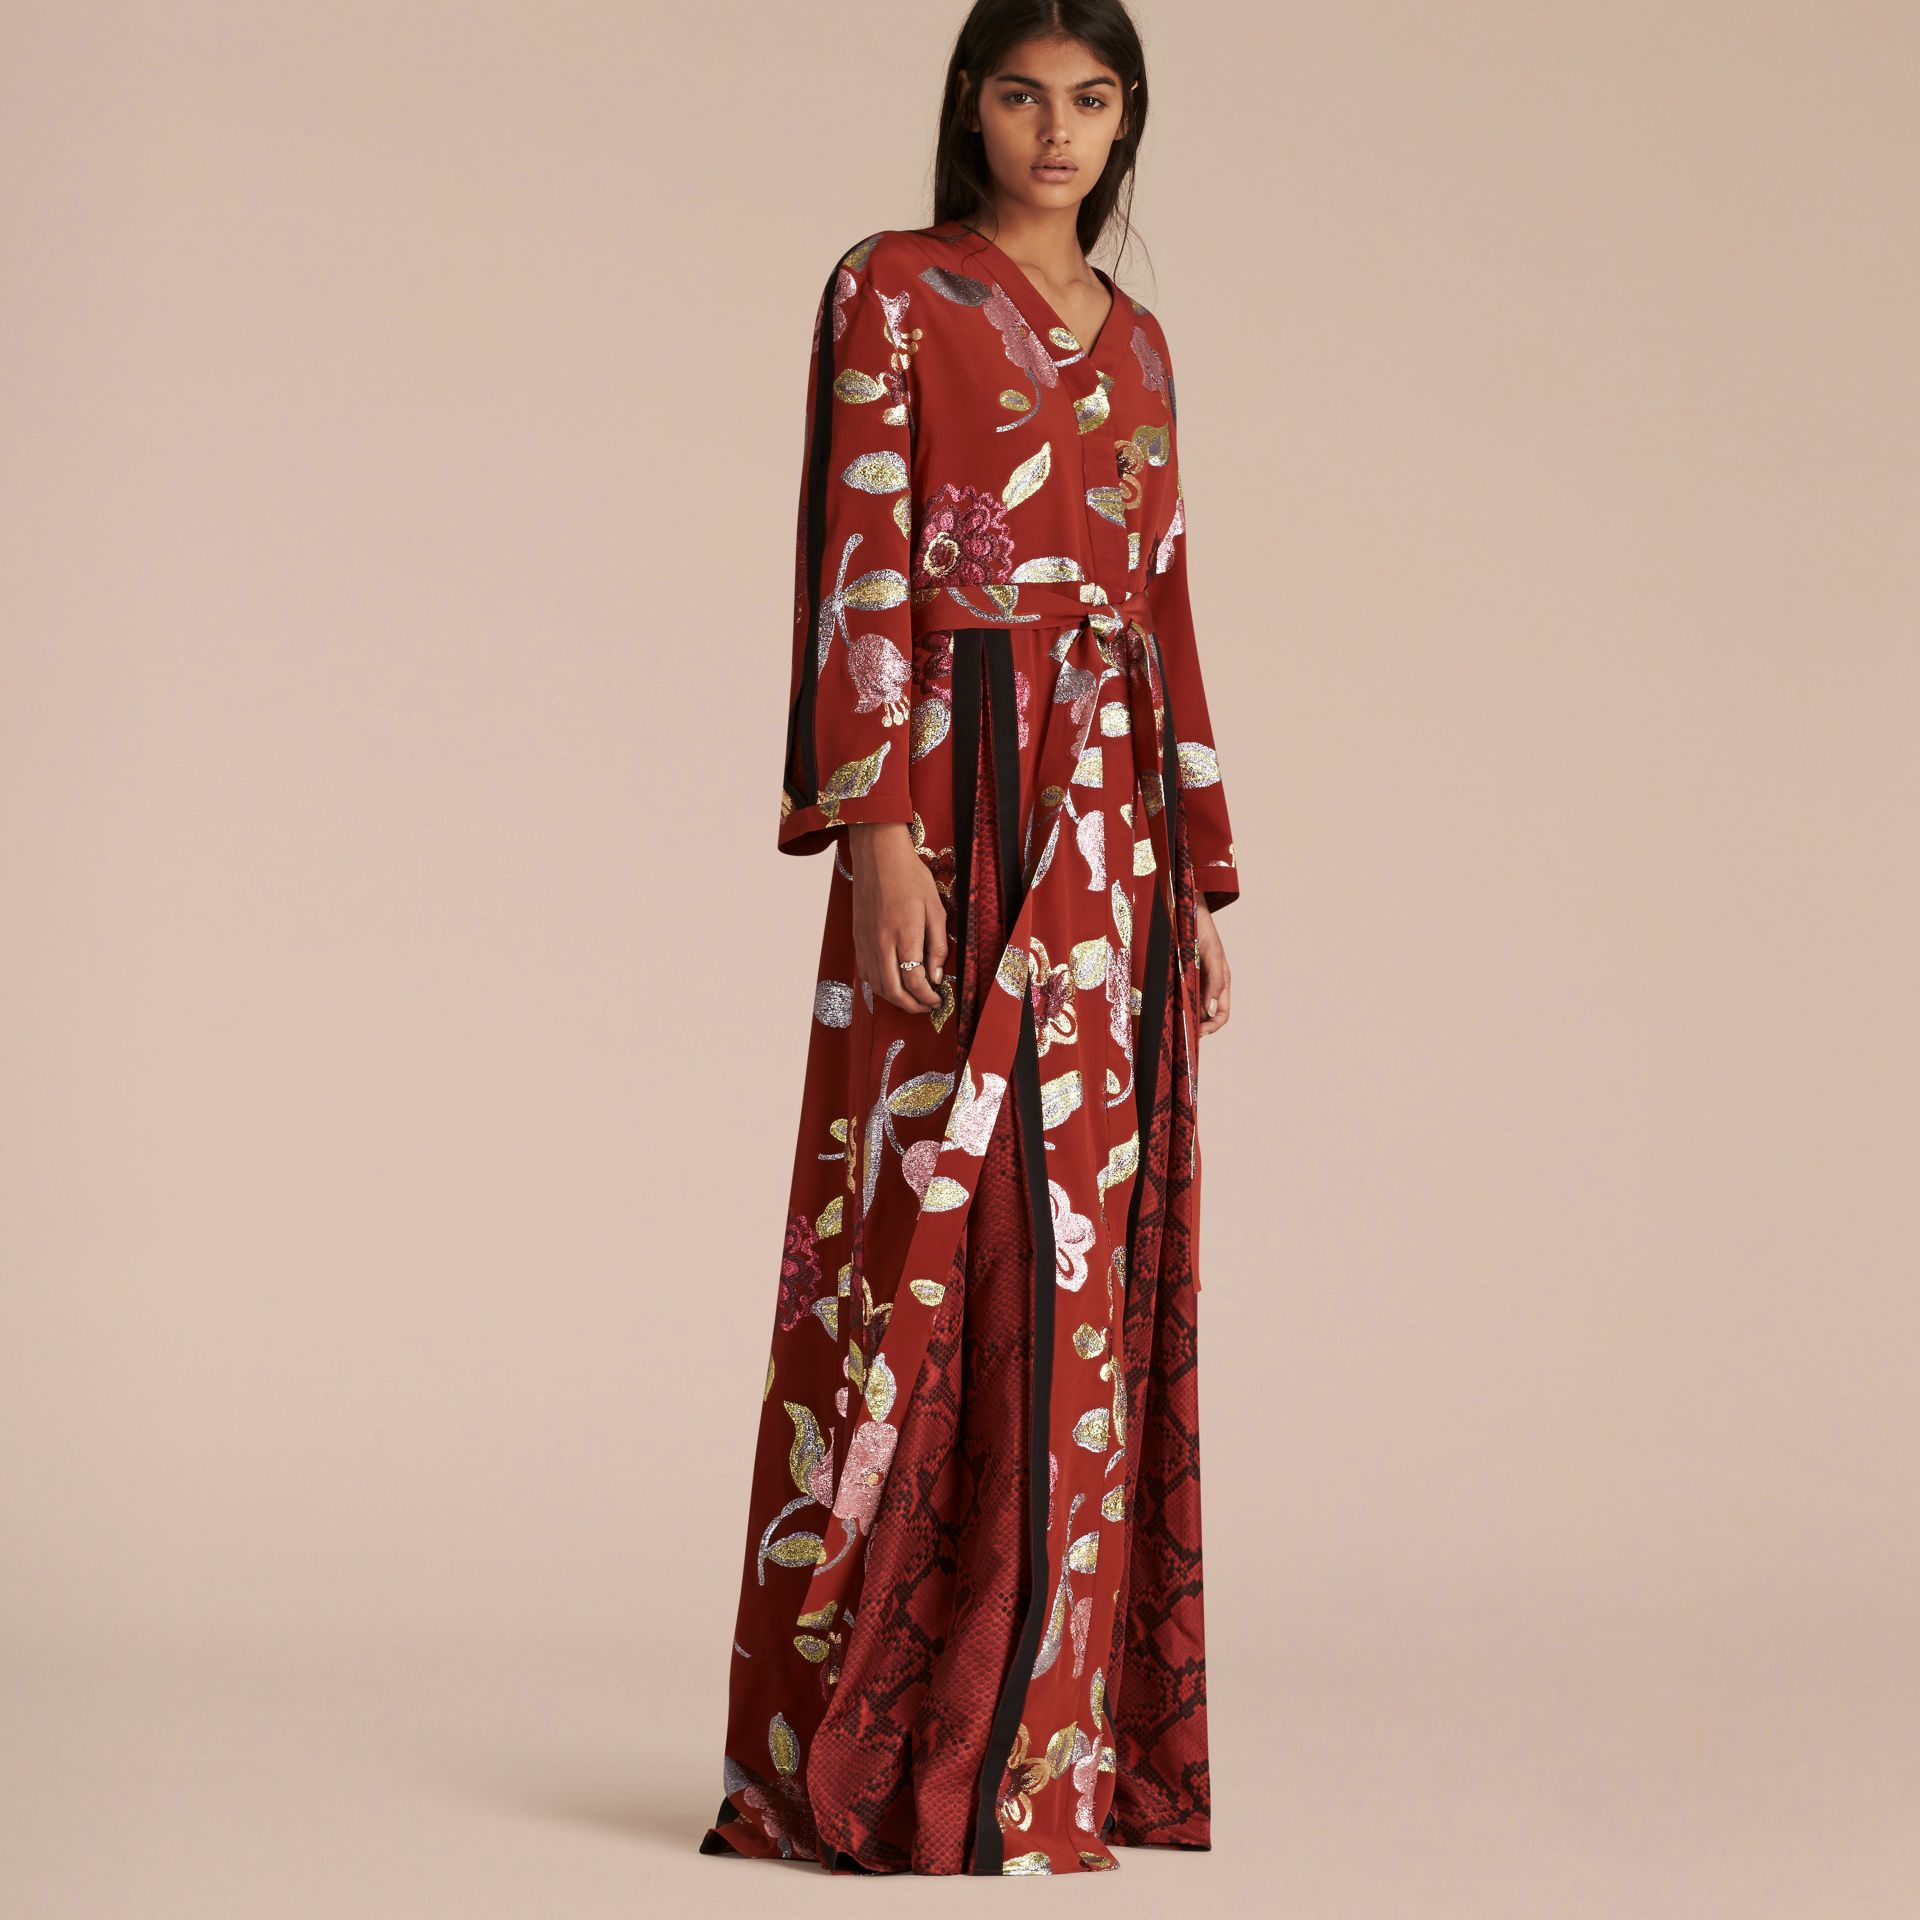 Terre de sienne brûlée Robe de soirée portefeuille en soie avec ornements en fil coupé à motif floral - photo de la galerie 1